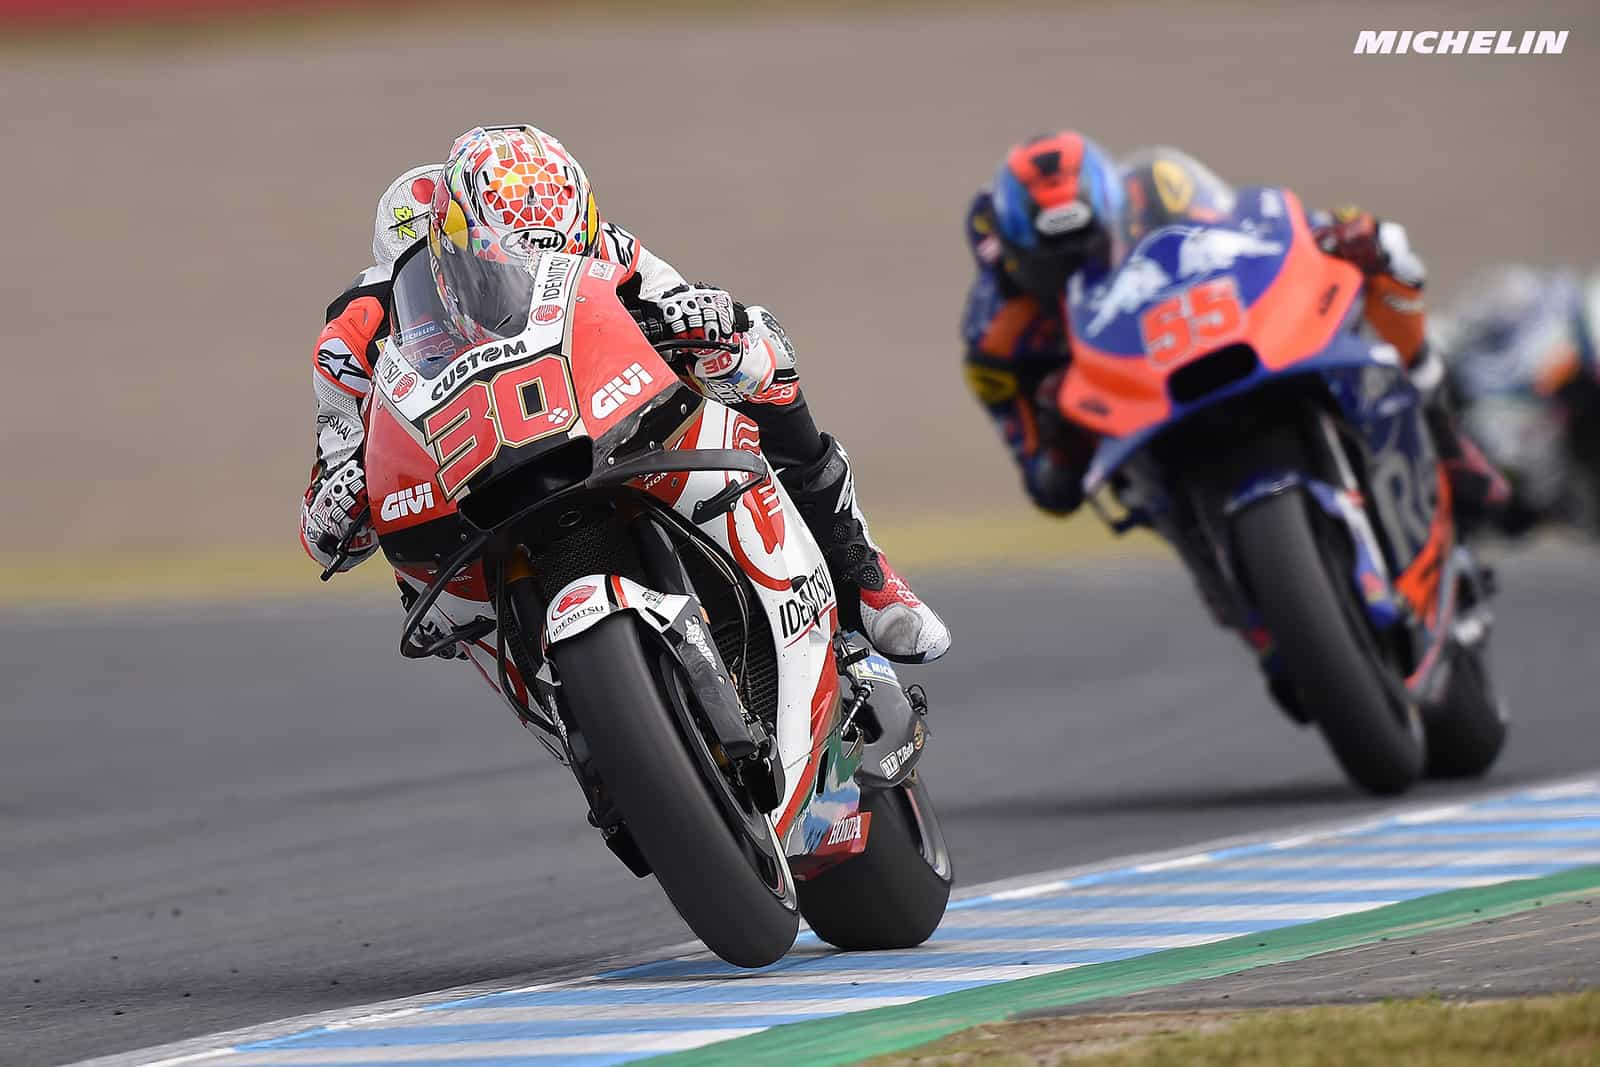 MotoGP2019日本GP 16位中上「セパンテストを最高のコンディションで迎えたい」